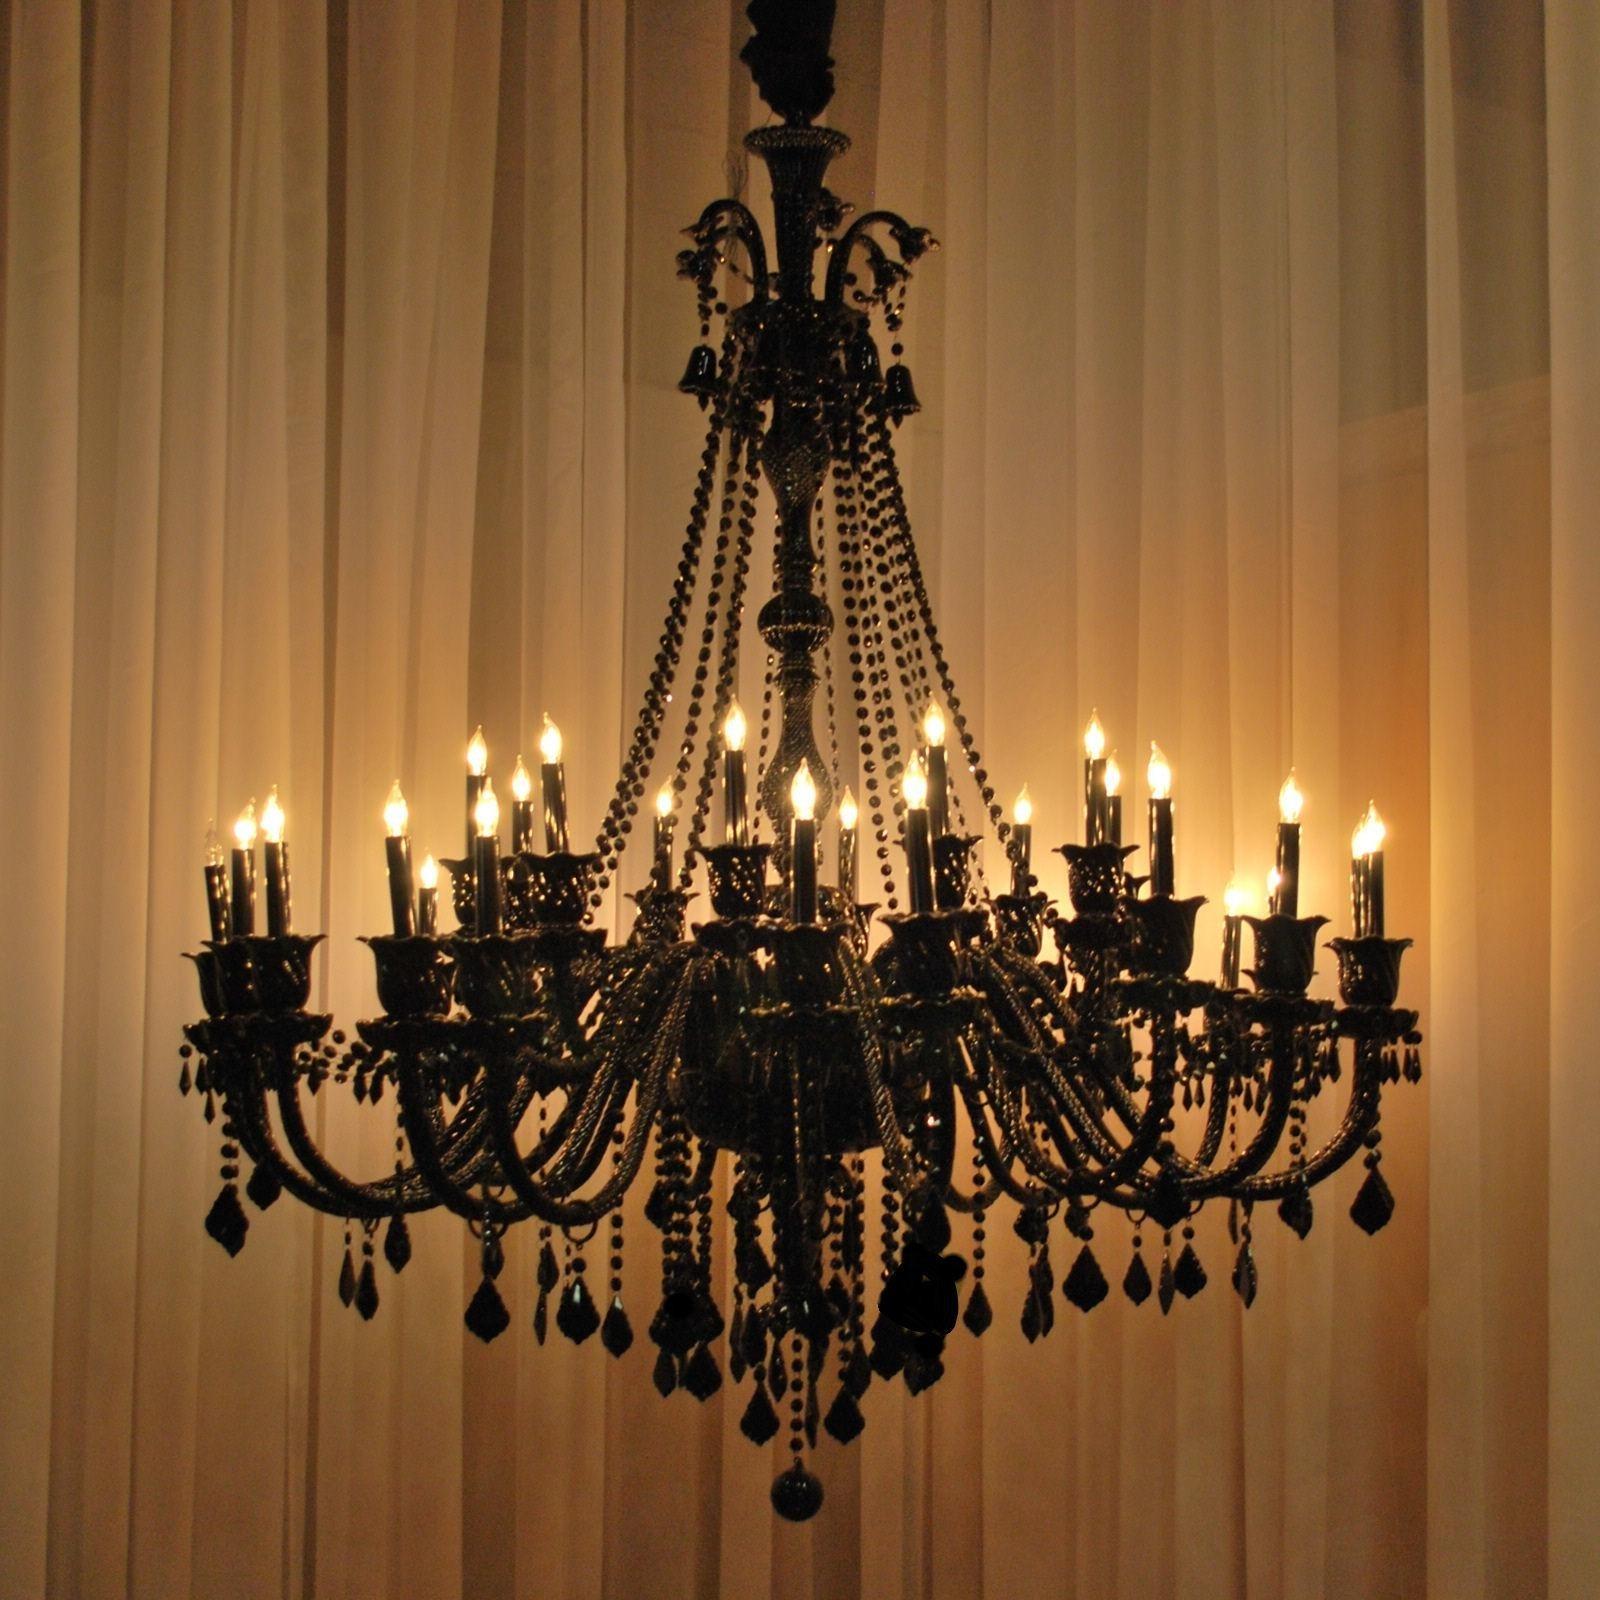 Huge Chandeliers Lamp World Regarding Huge Chandeliers (Image 11 of 15)